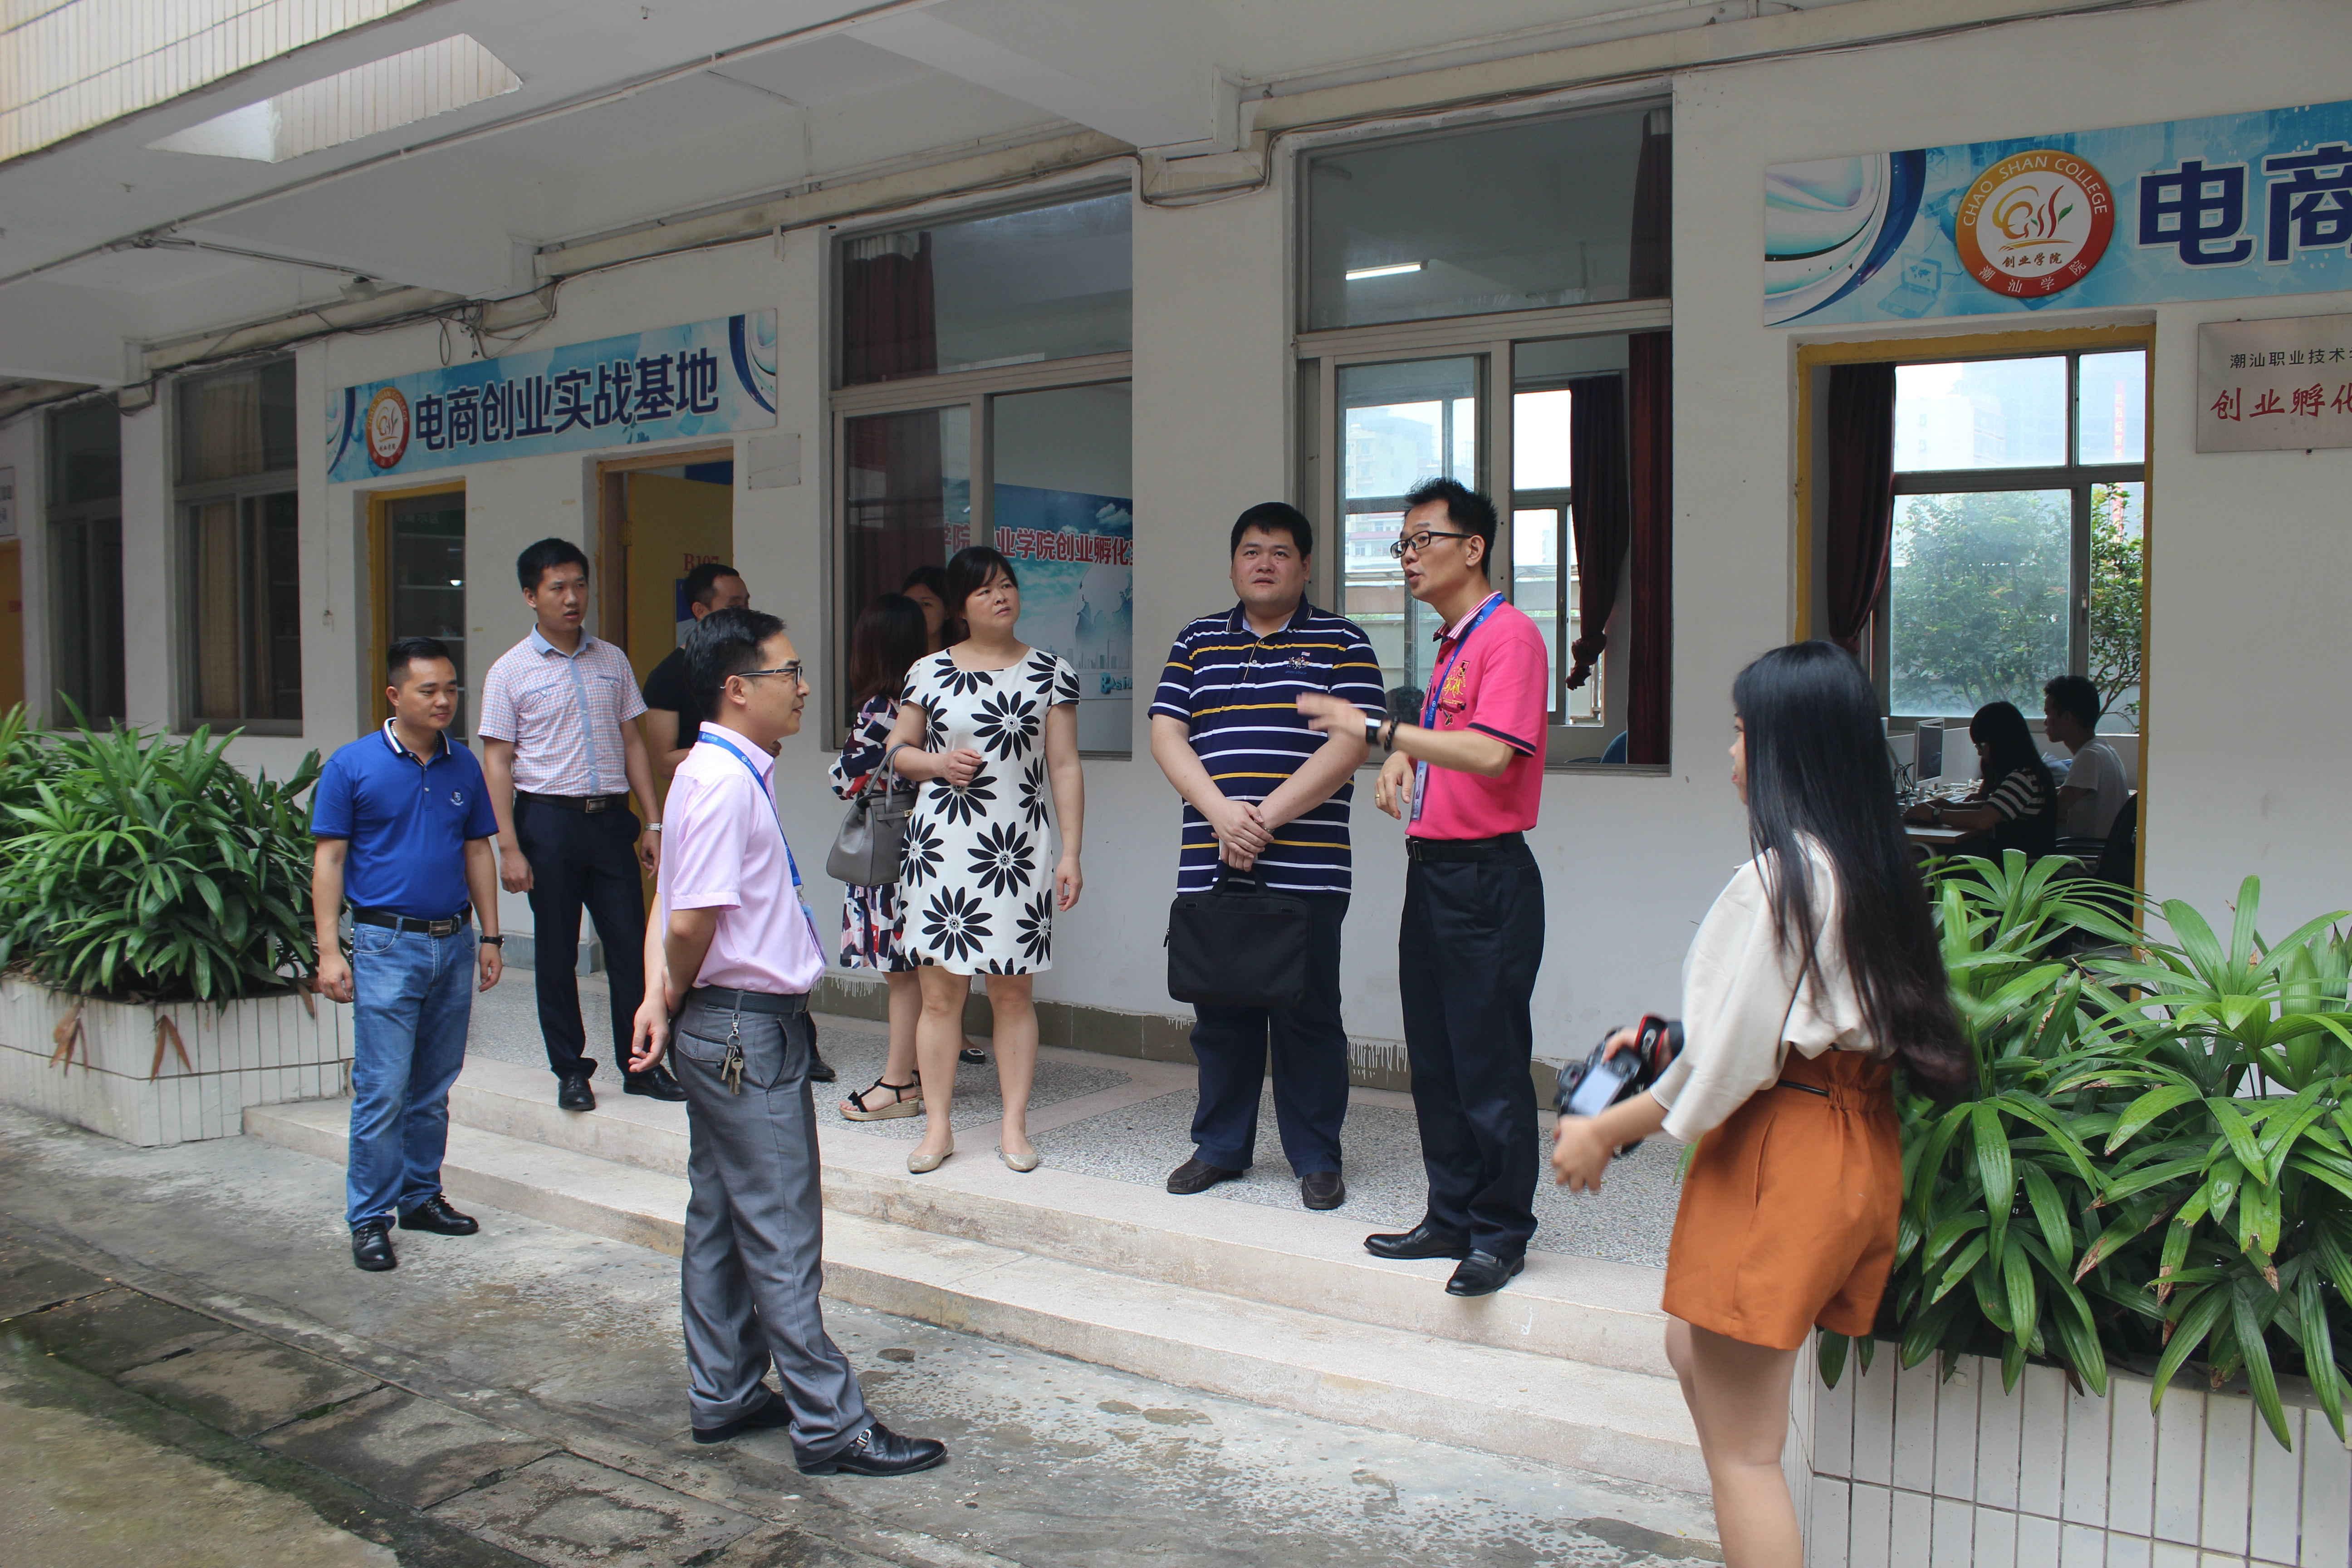 潮汕职业技术学院是公立还是私立